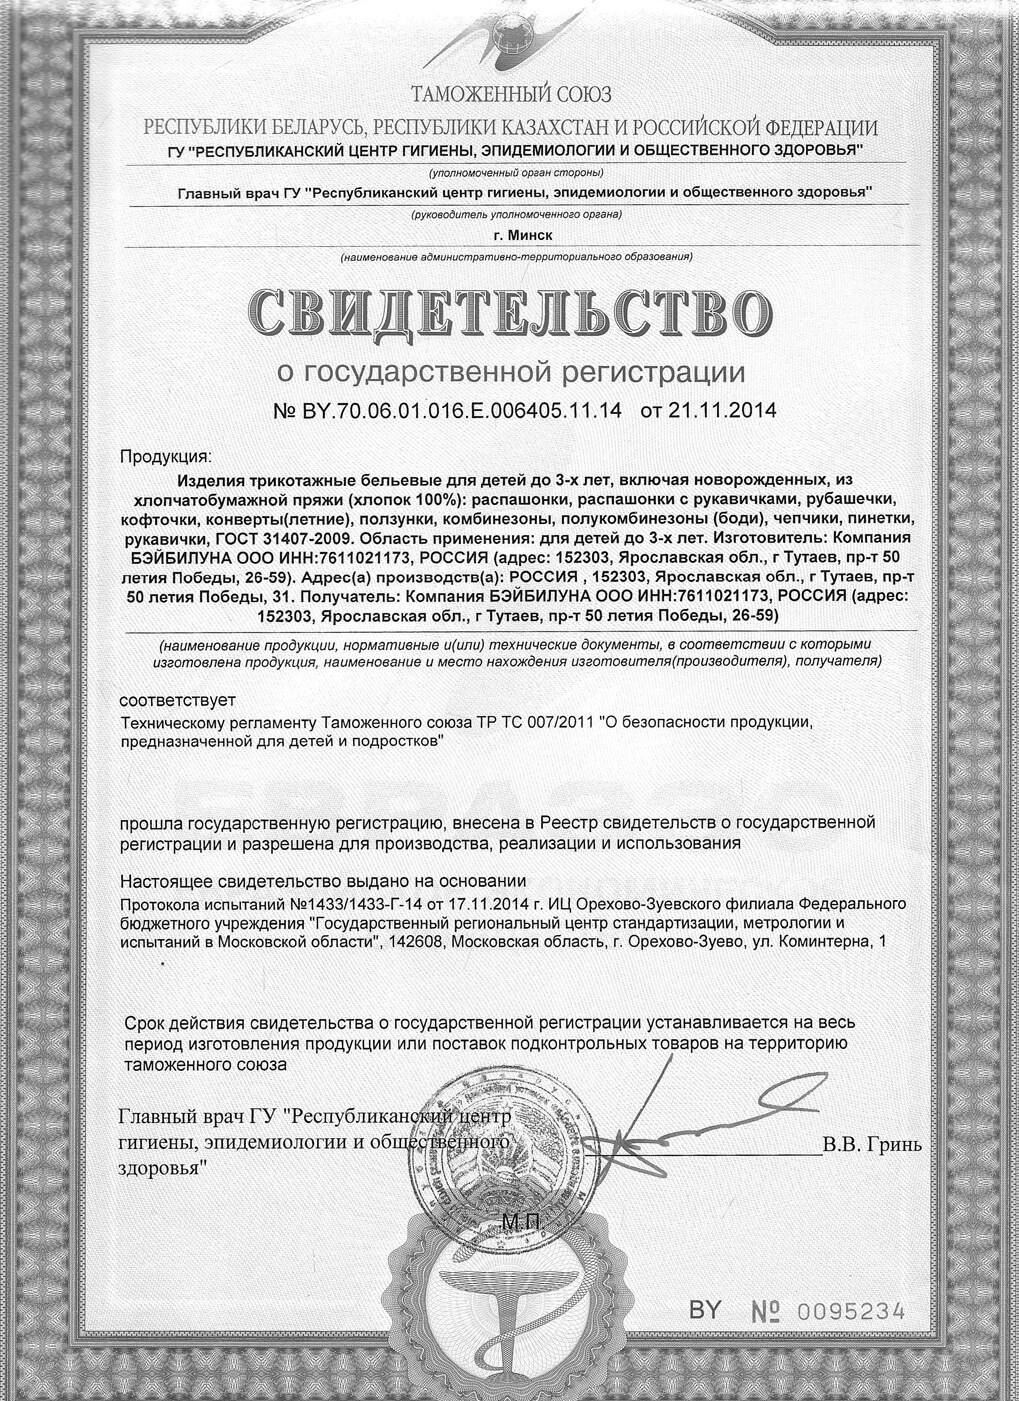 Свидетельство о гос. регистрации.